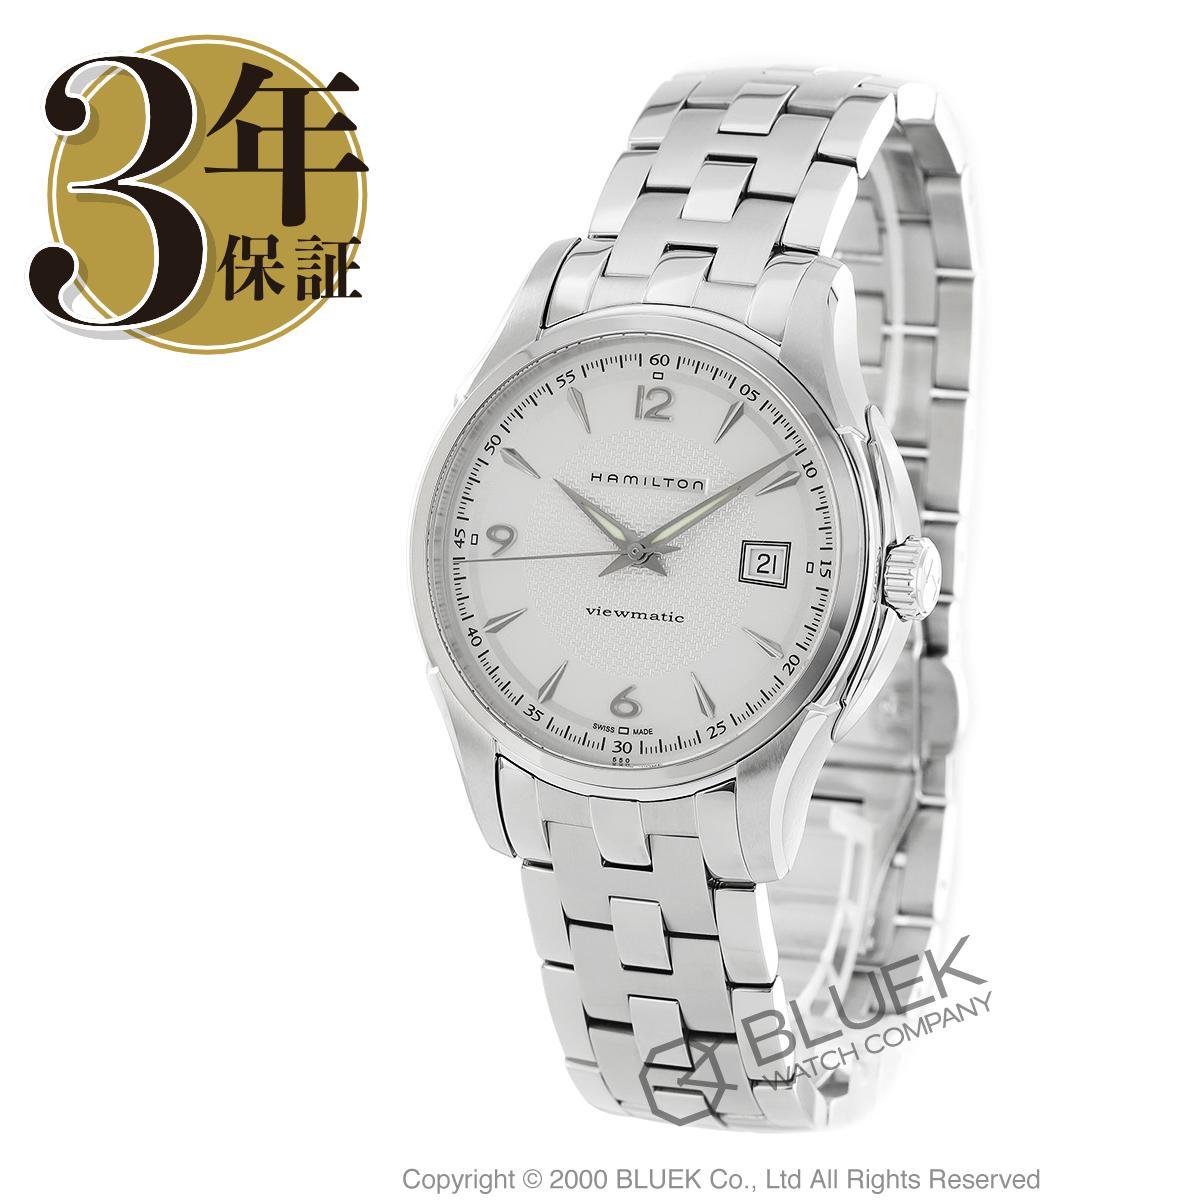 ハミルトン ジャズマスター ビューマチック 腕時計 メンズ HAMILTON H32515155_3